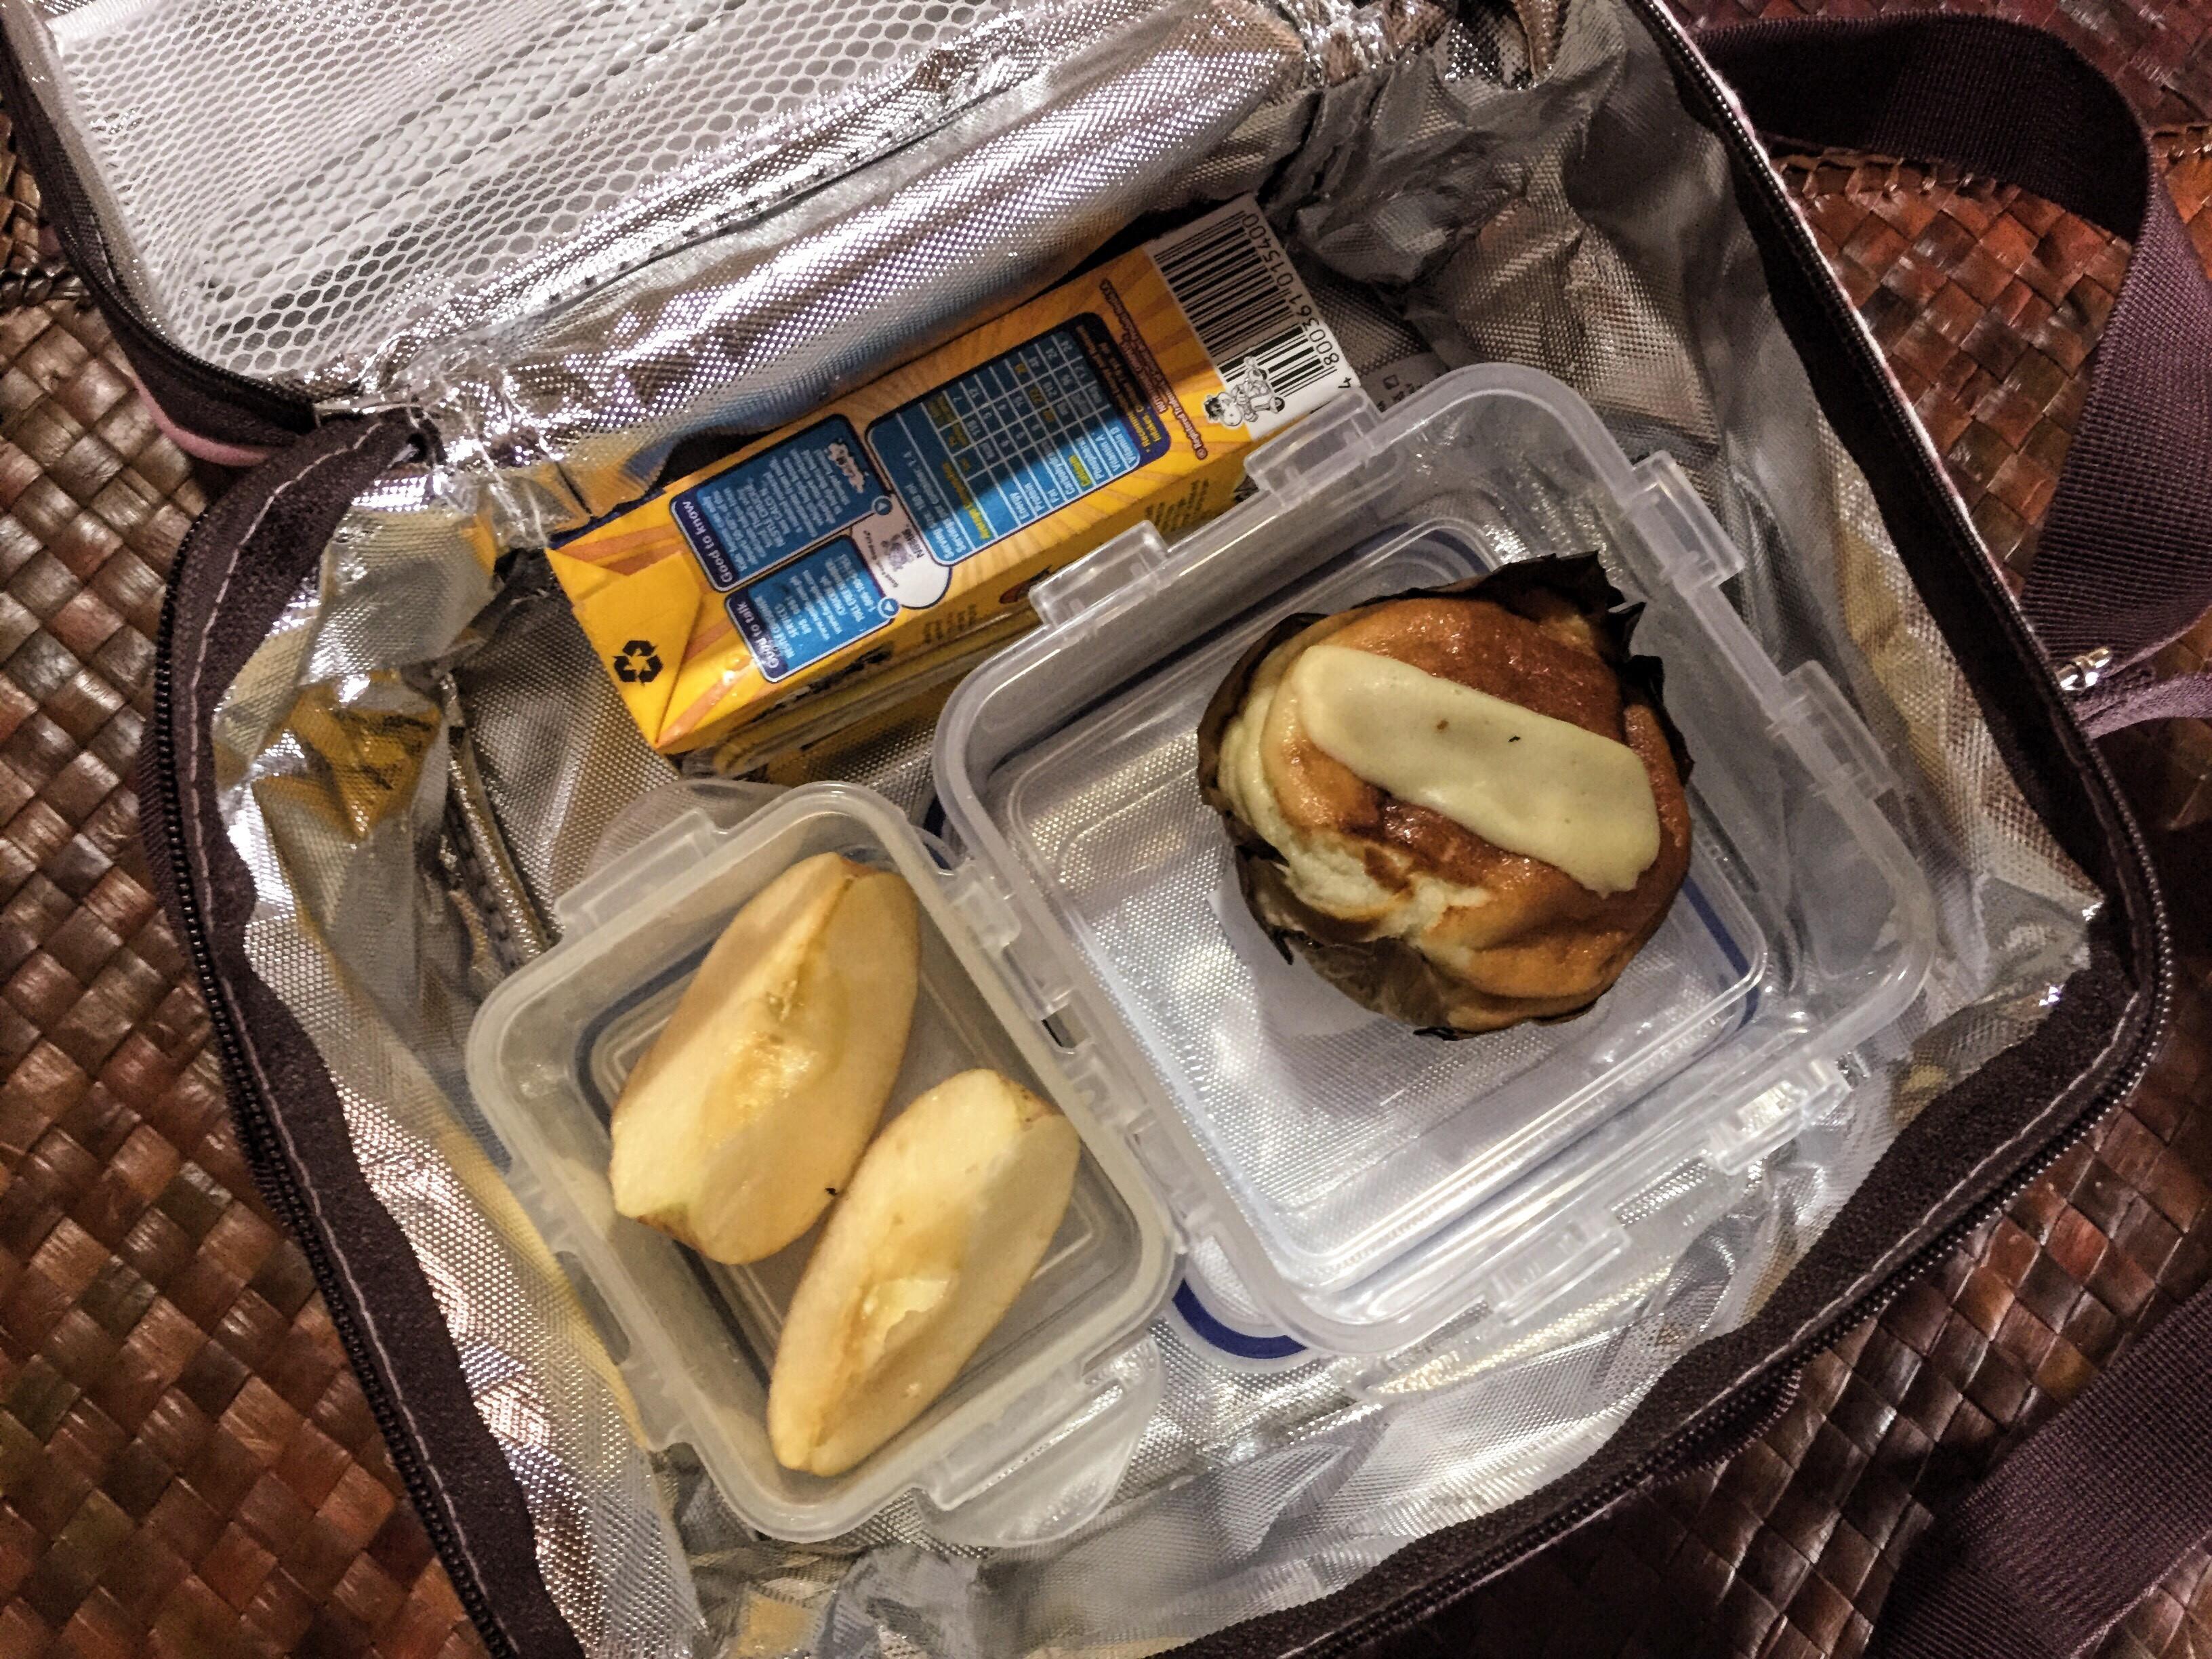 lock n lock lunch kit 5